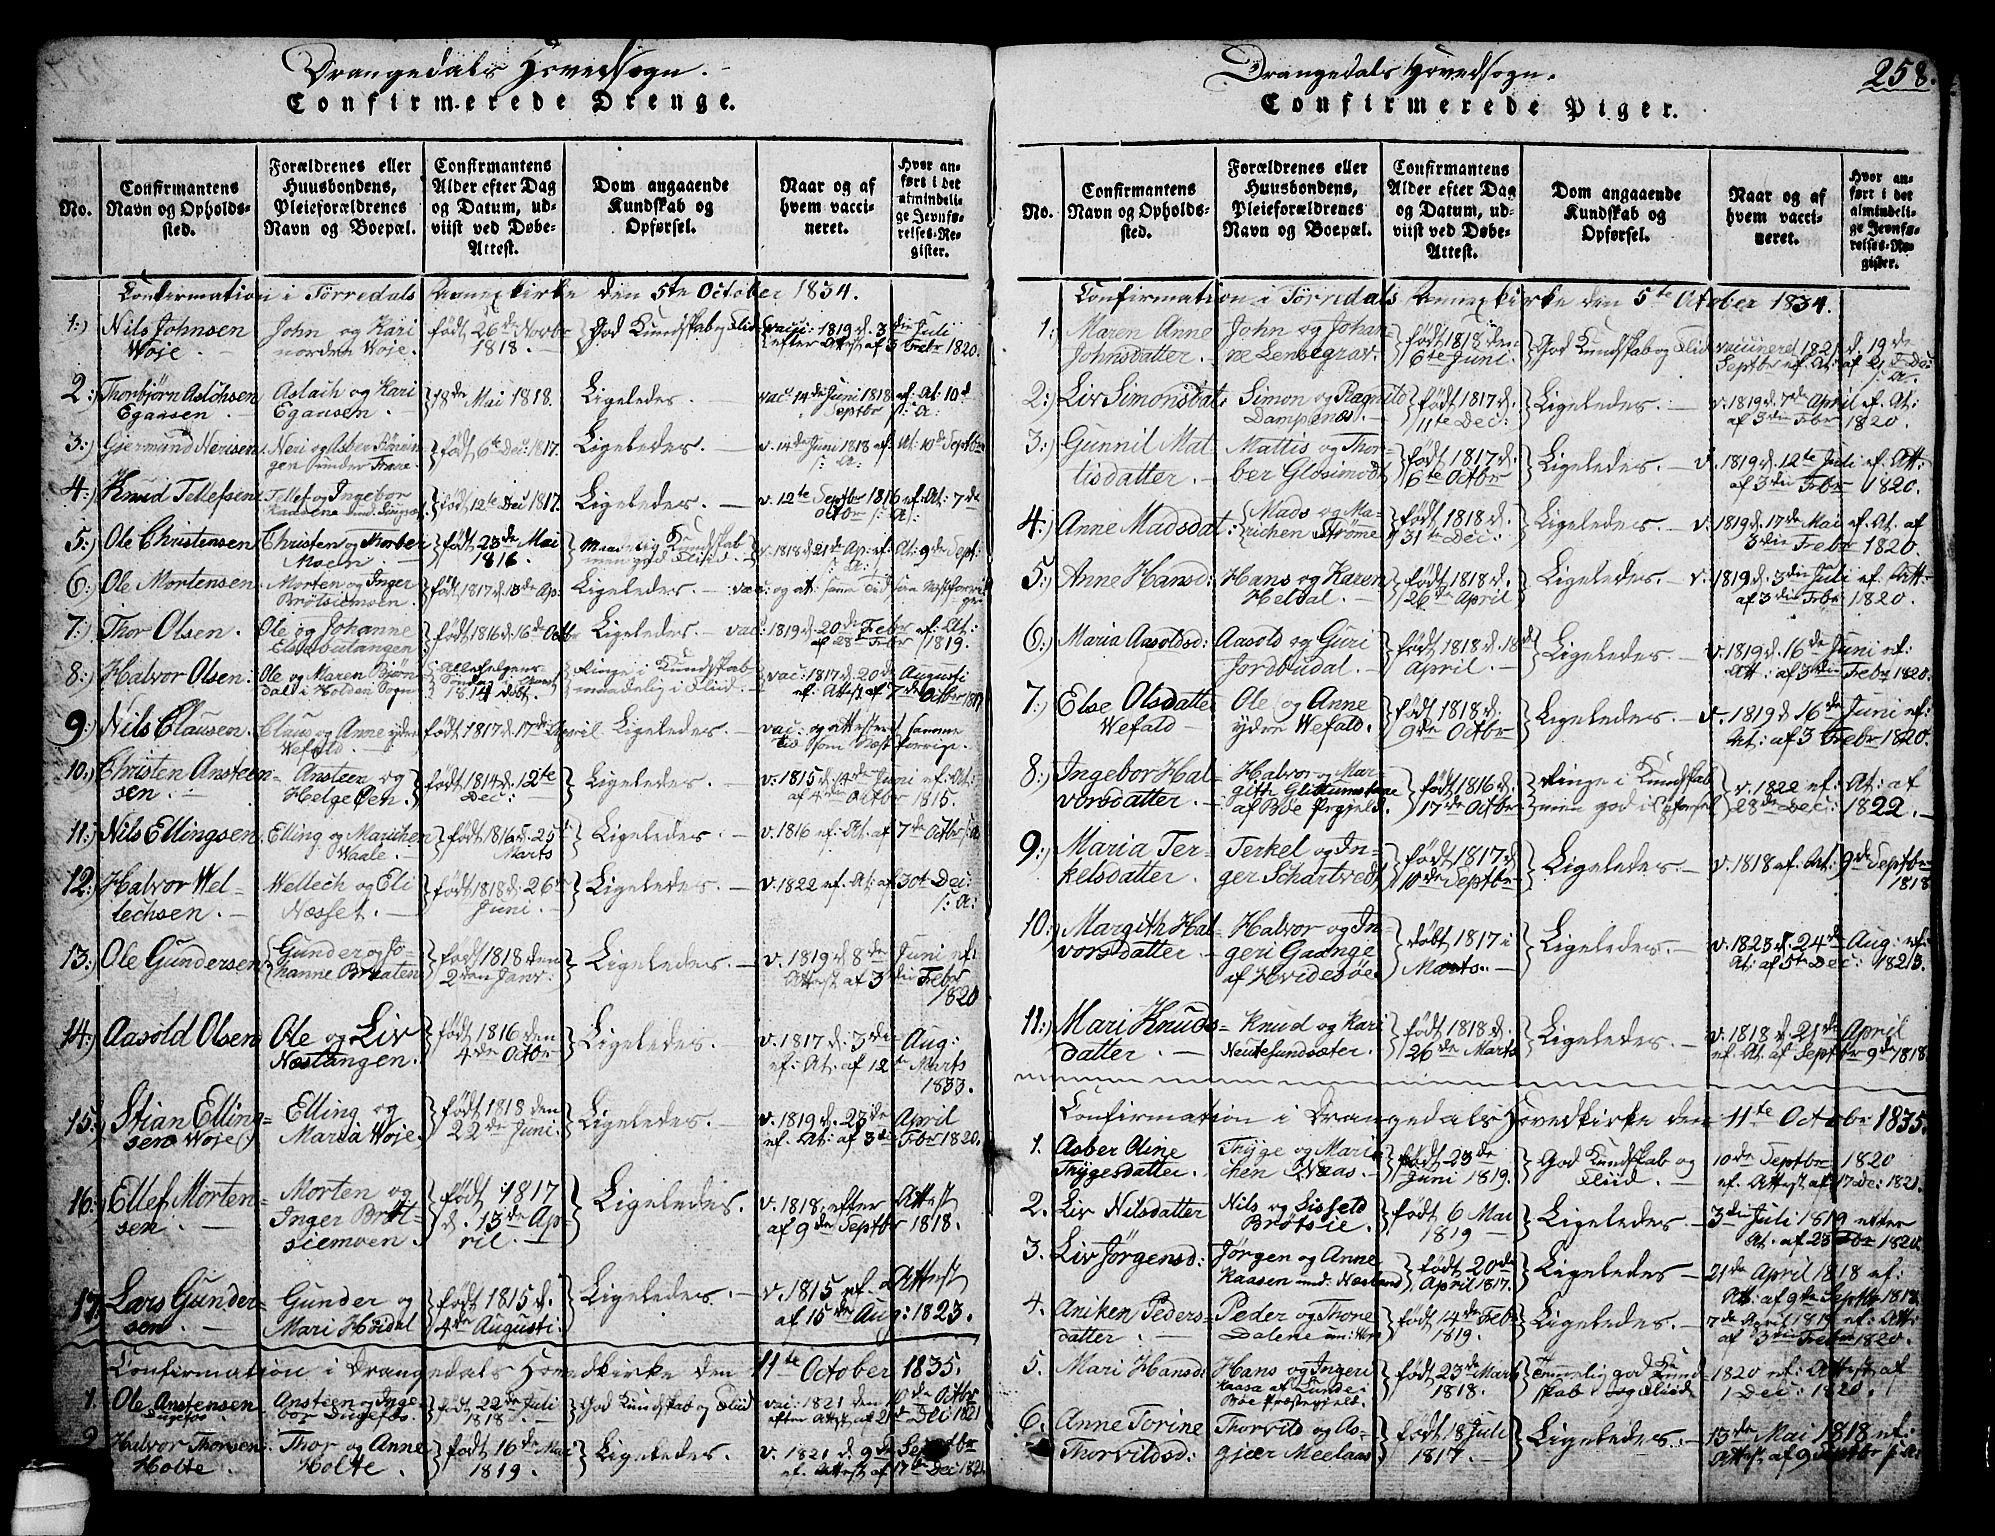 SAKO, Drangedal kirkebøker, G/Ga/L0001: Klokkerbok nr. I 1 /1, 1814-1856, s. 258